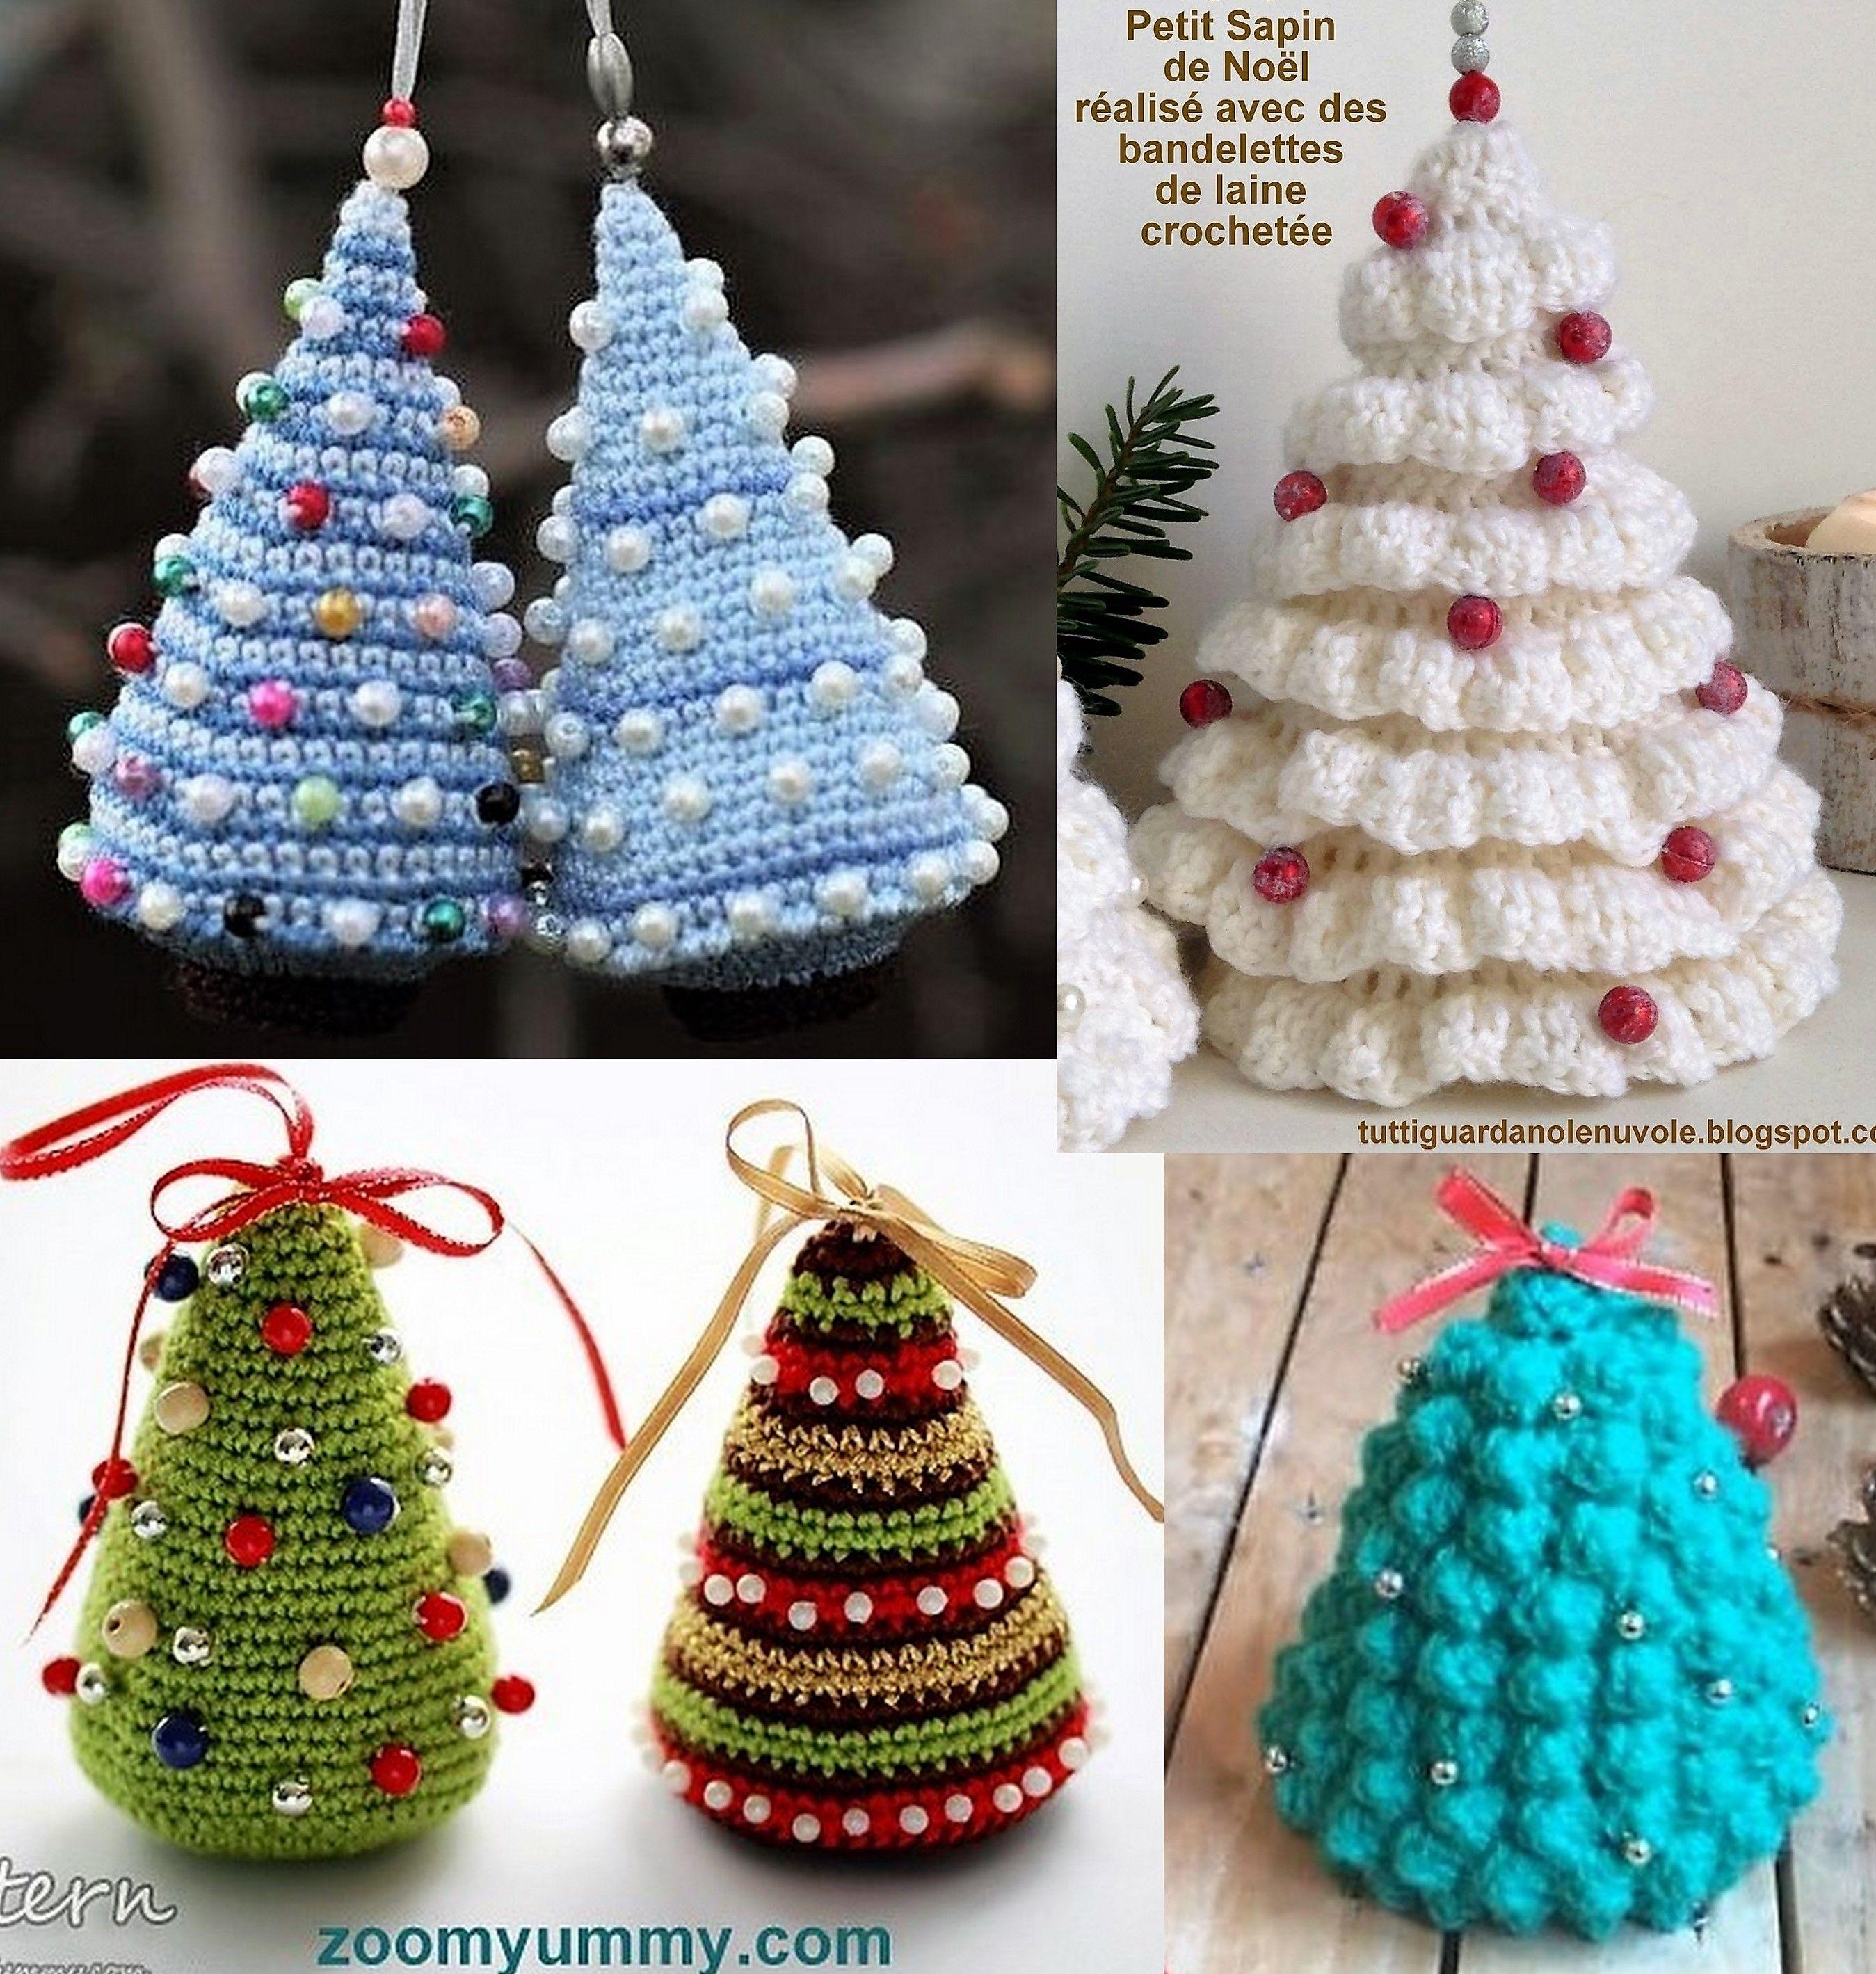 Modèles Petits sapins de Noël à faire au crochet   Christmas ornaments, Décorations de noël ...